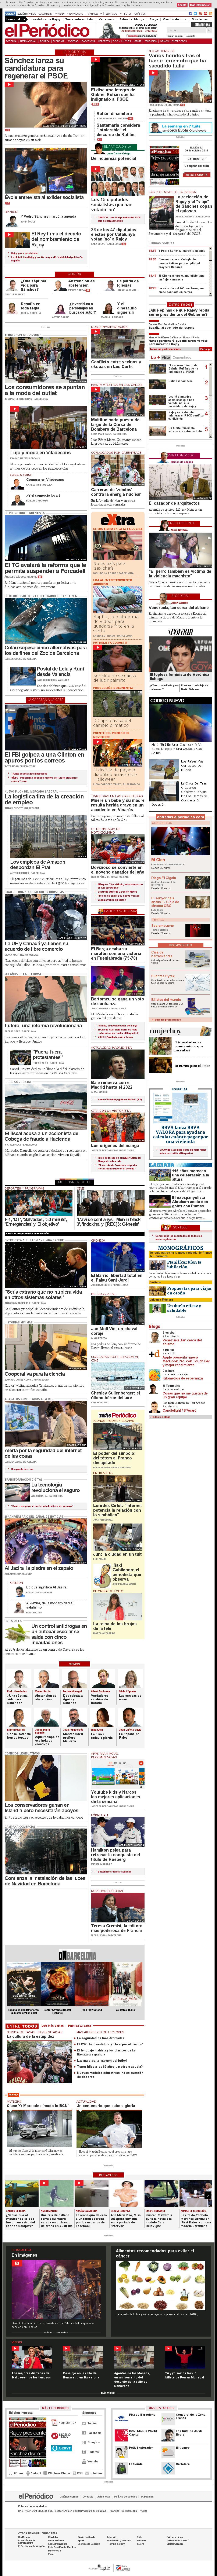 El Periodico at Sunday Oct. 30, 2016, 6:15 p.m. UTC